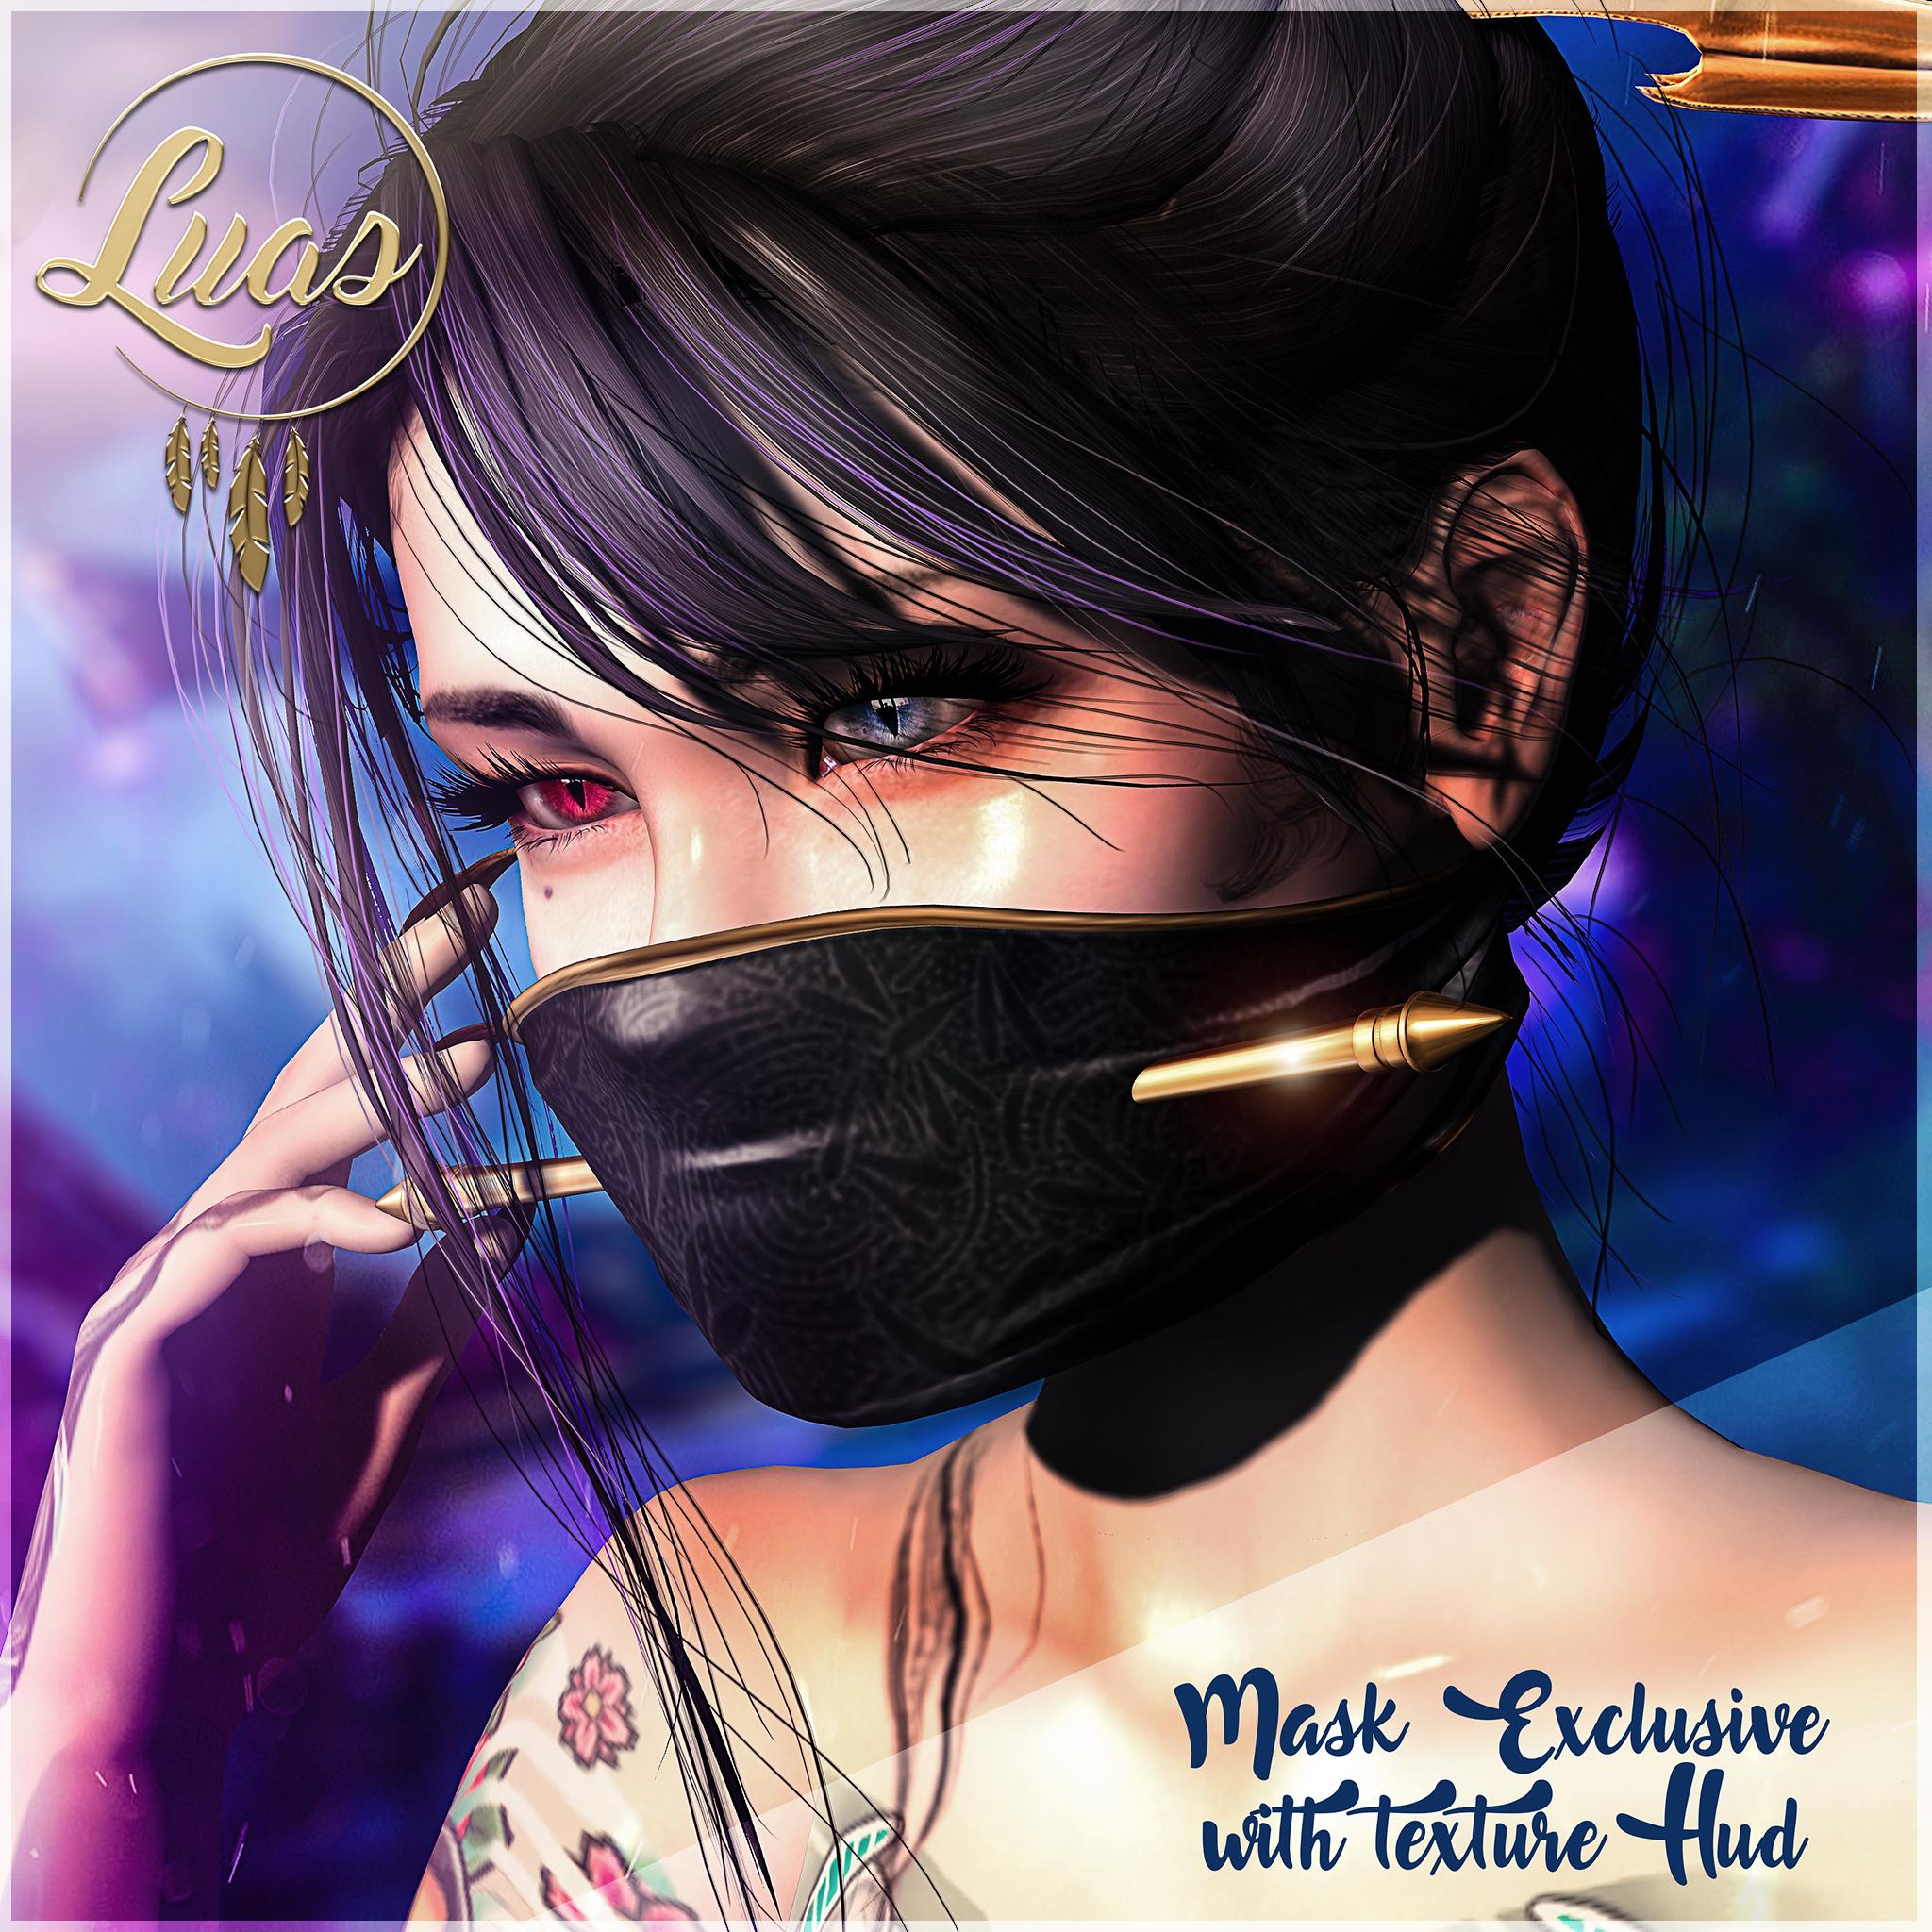 Luas Nanako Mask Exclusive.jpg